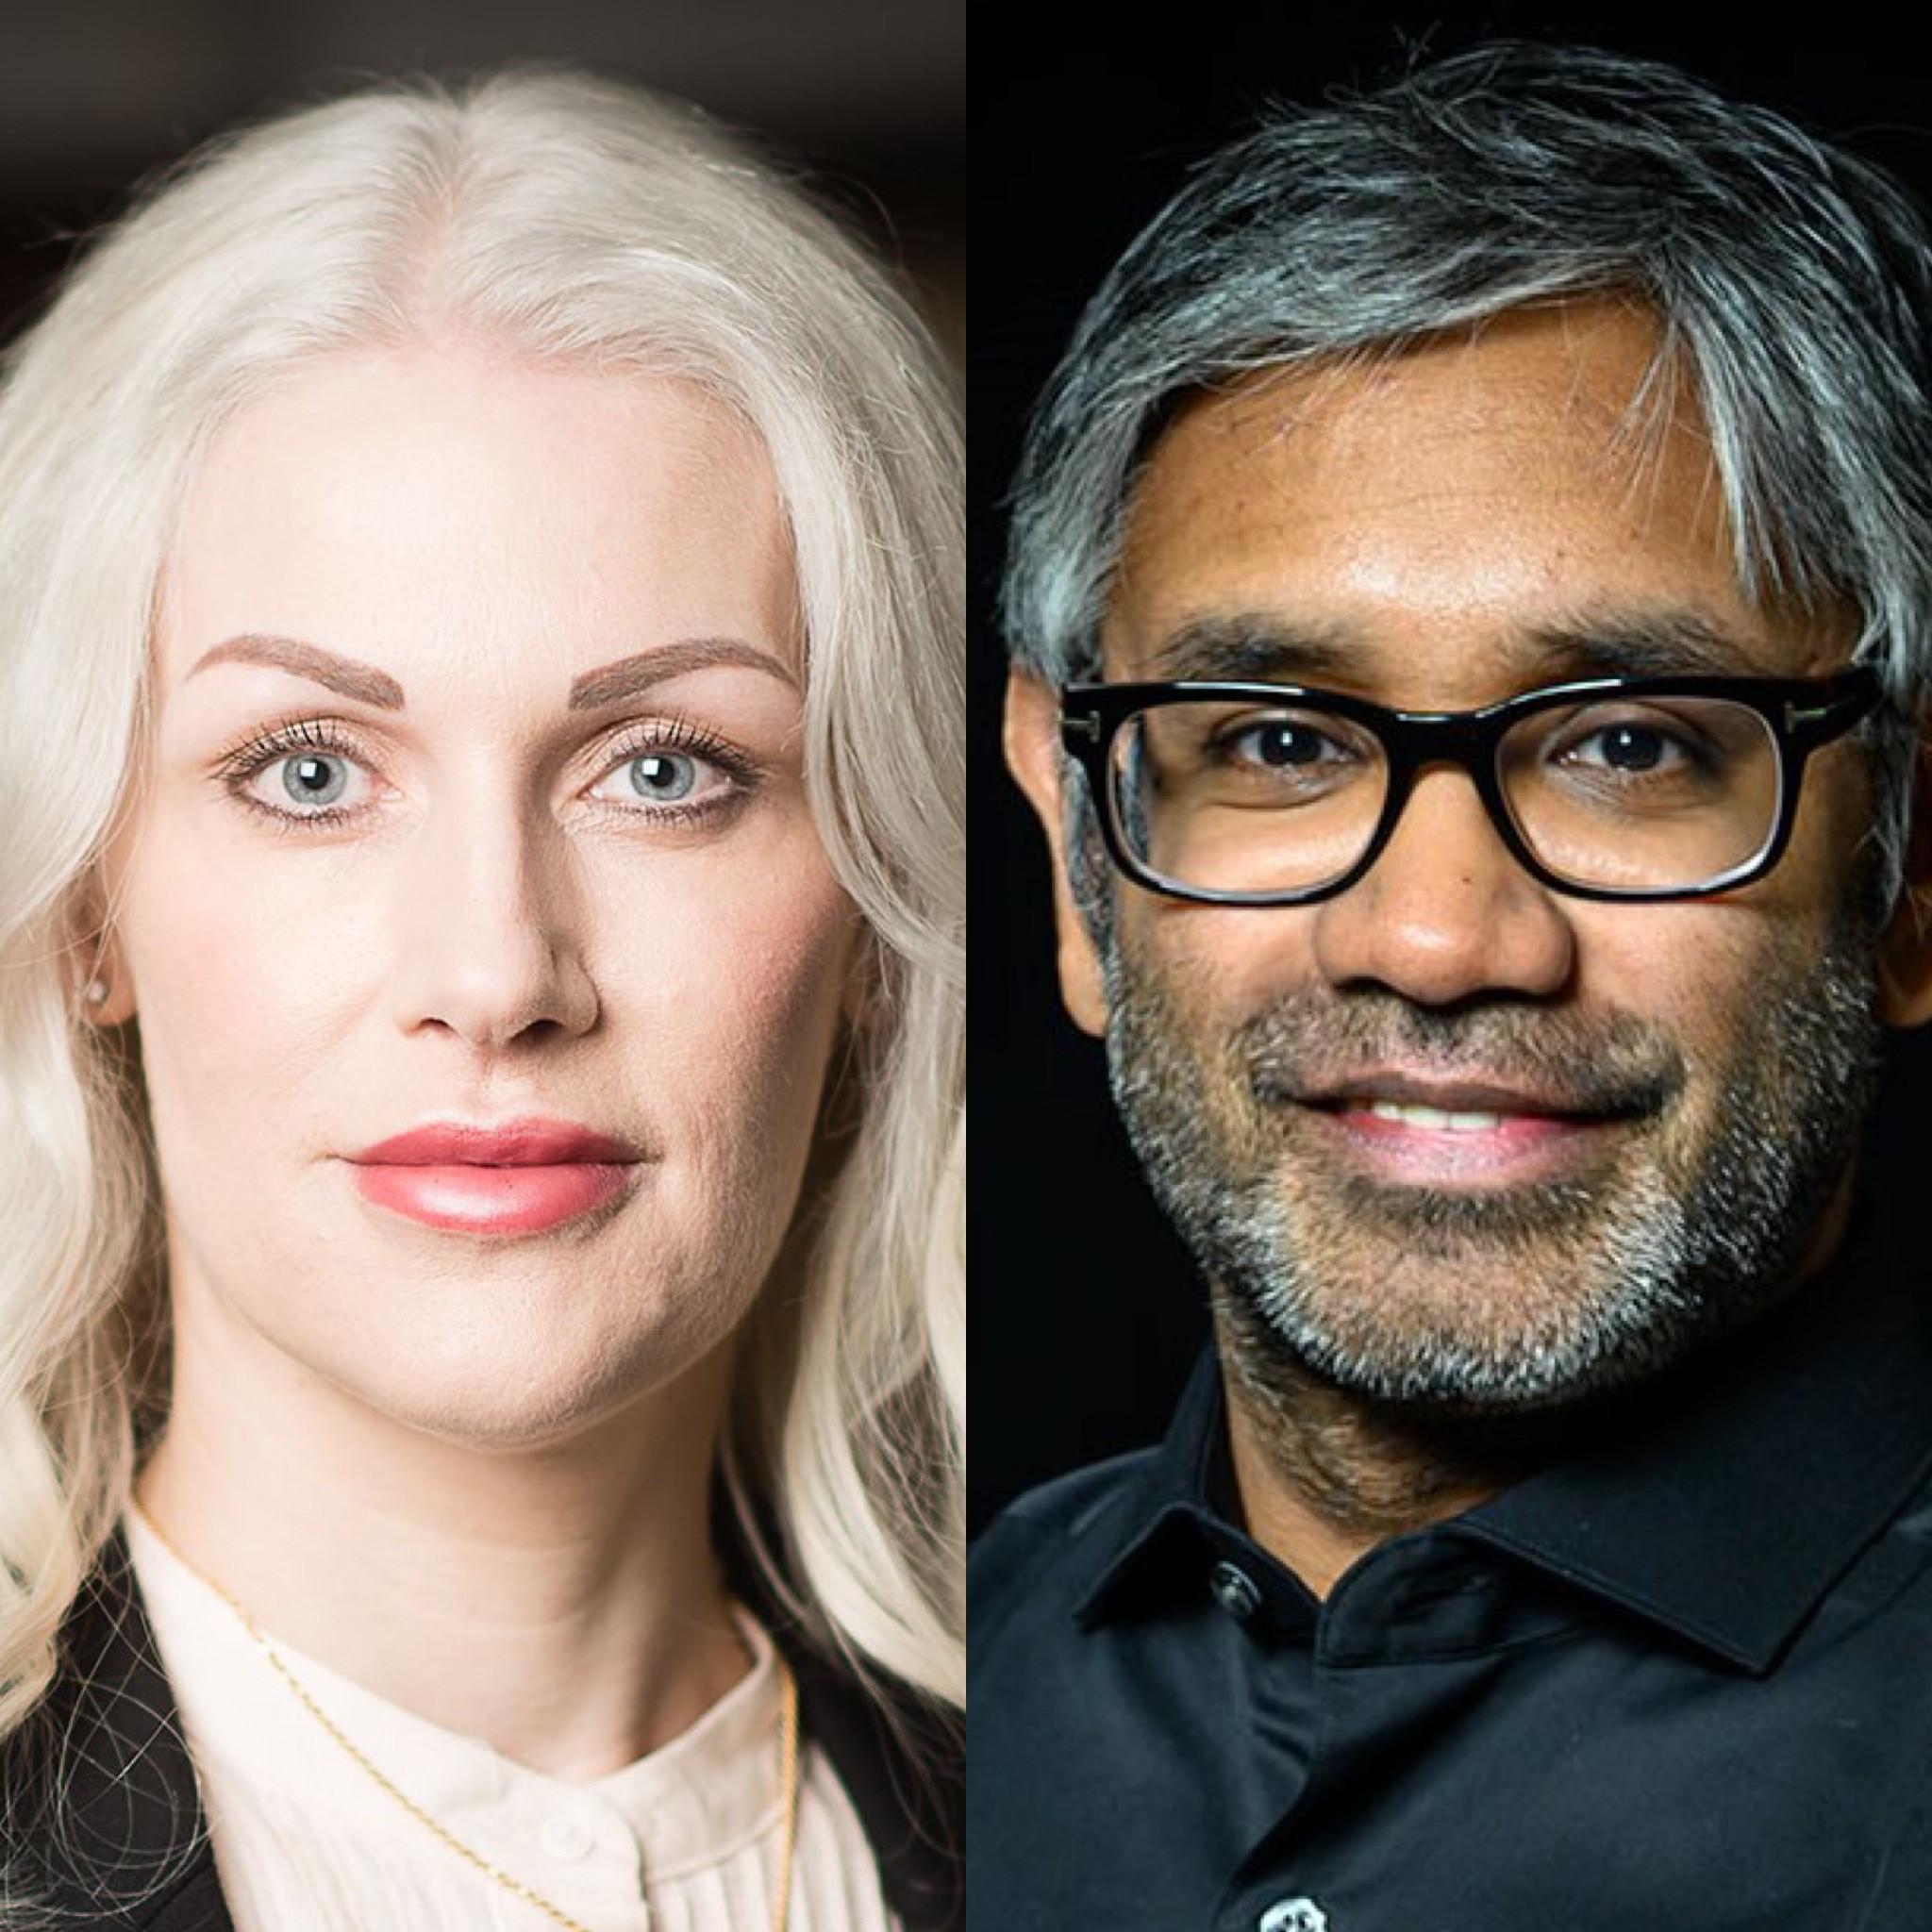 Uttalande från Fredrik Hansson och Emma Engelmark med anledning av folkomröstningsresultatet.